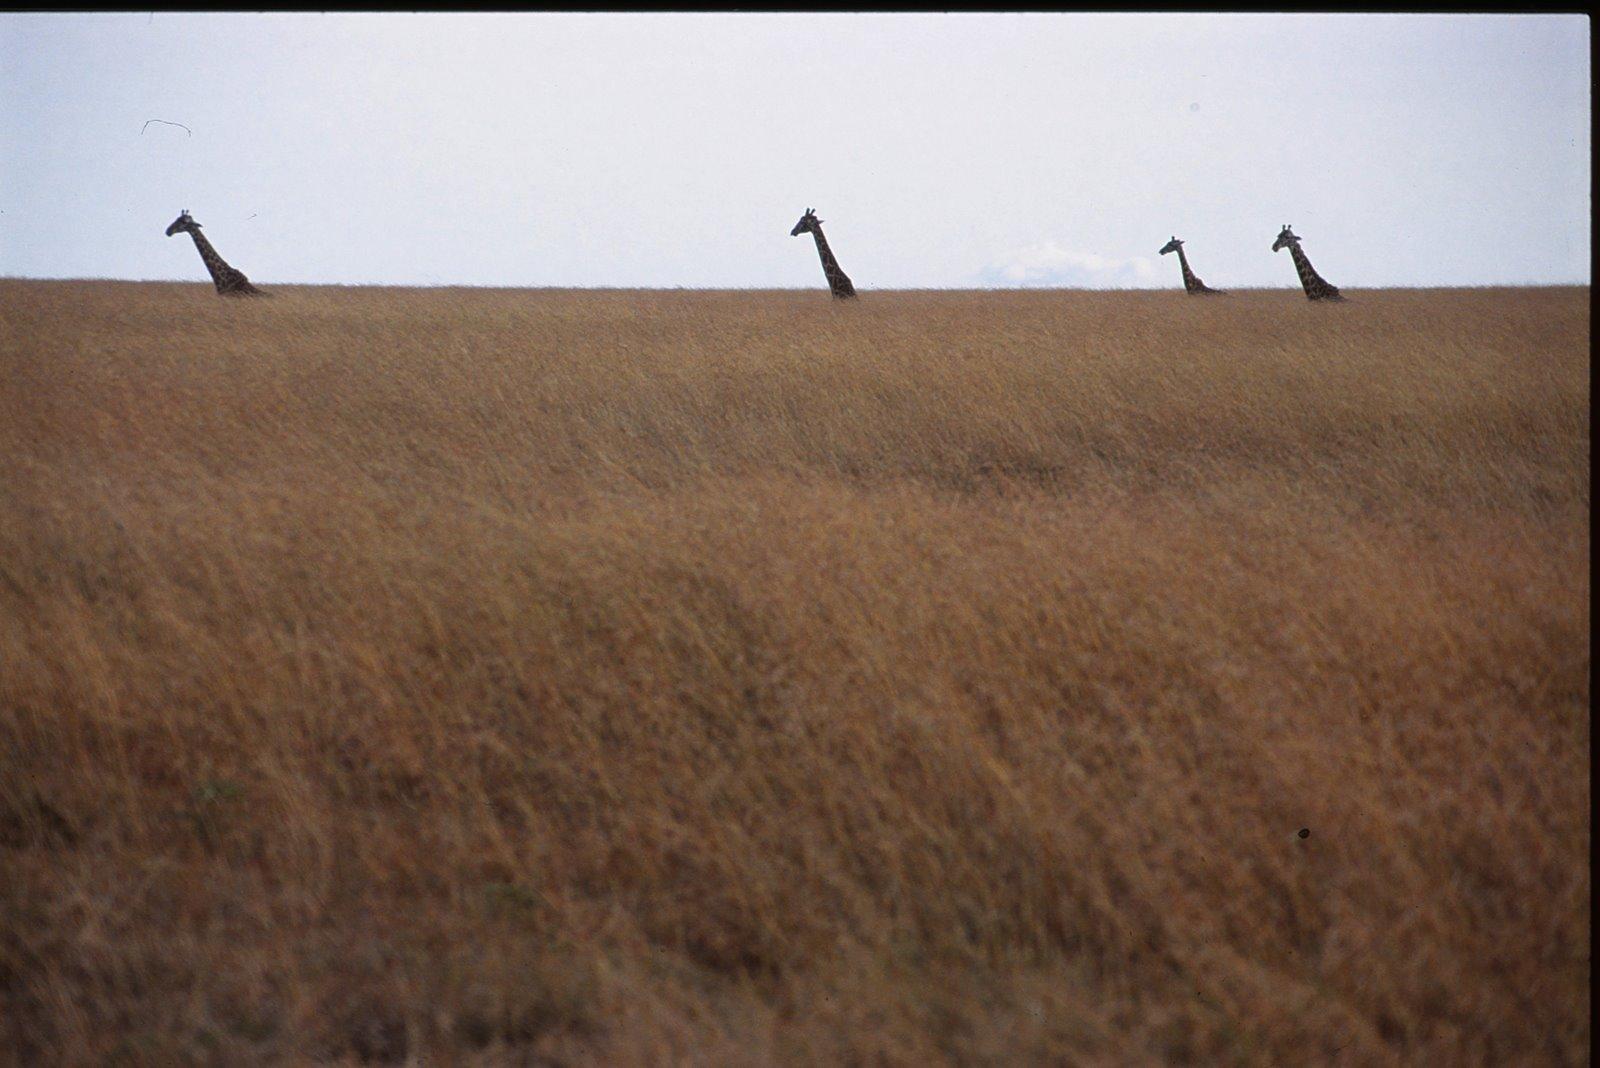 [Giraffes_horizon]